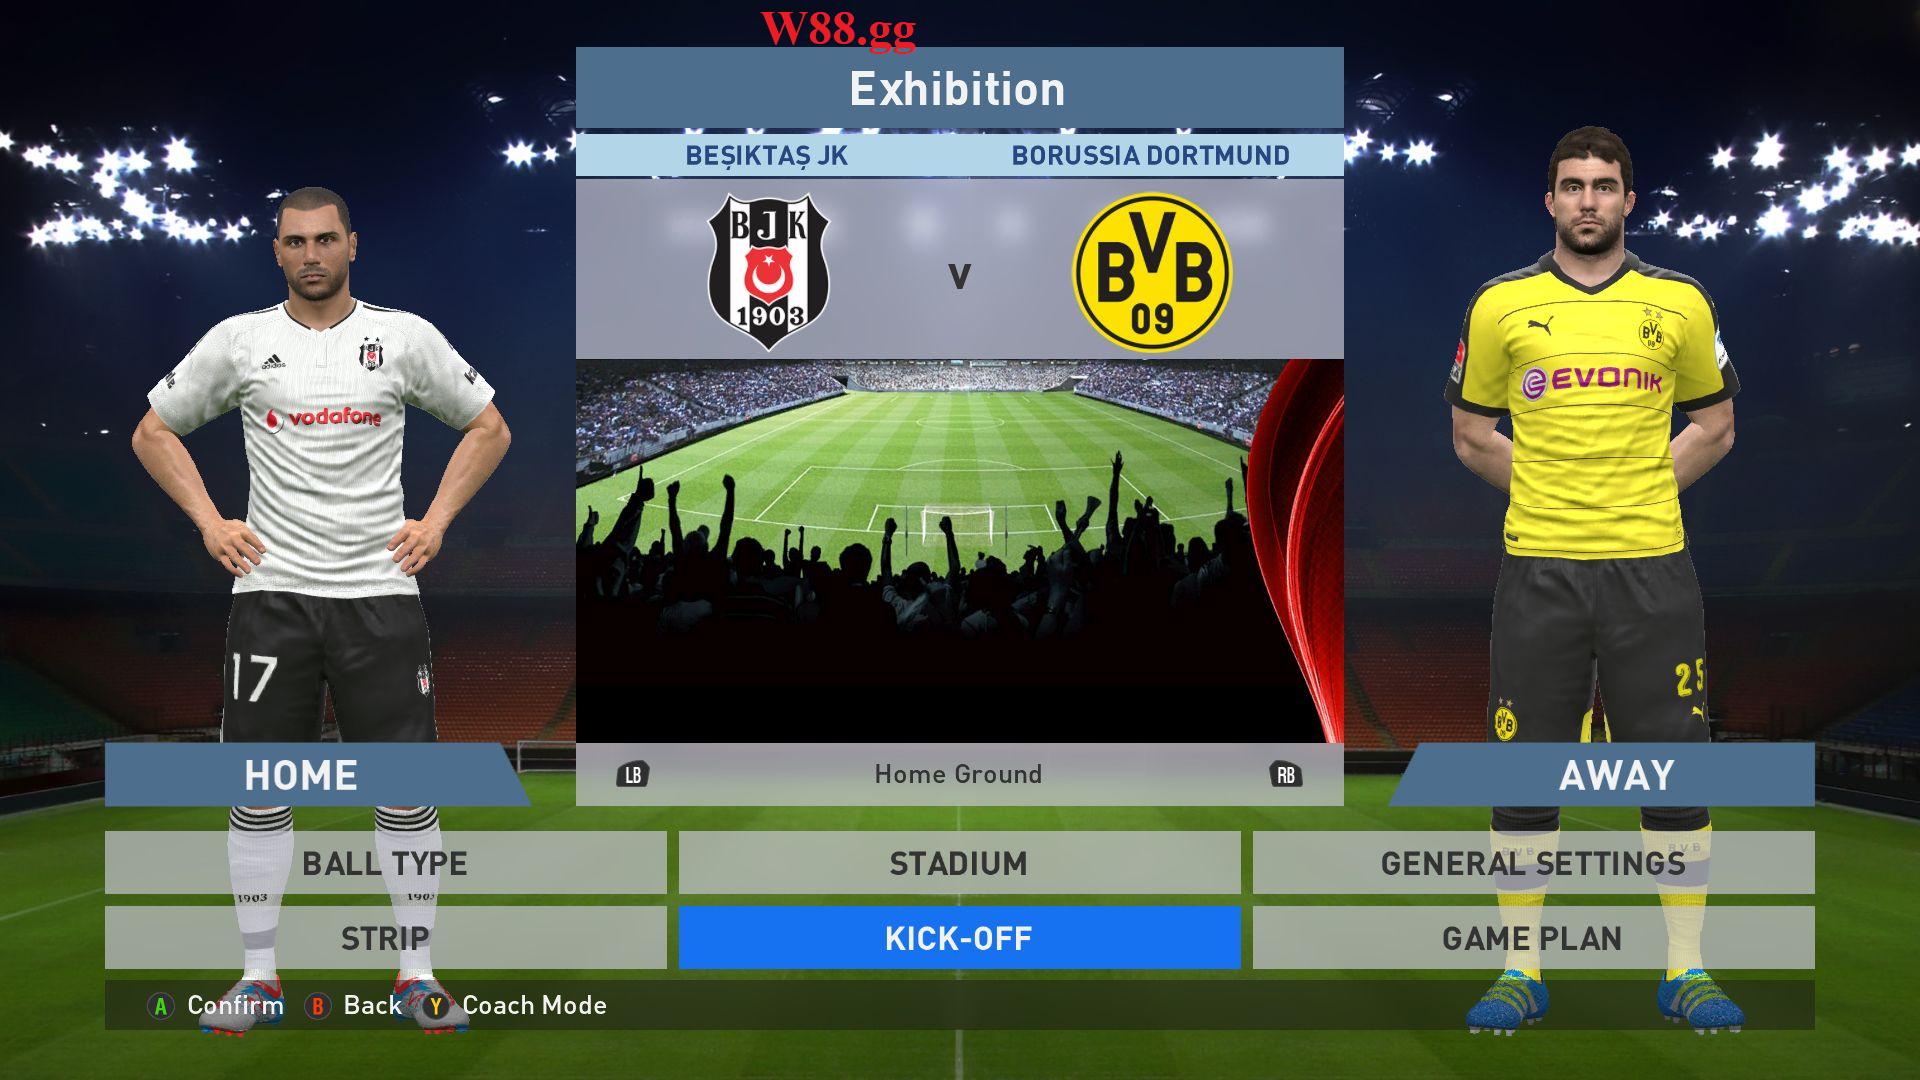 Các chuyên gia soi kèo dự đoán Borussia Dortmund sẽ dành chiến thắng